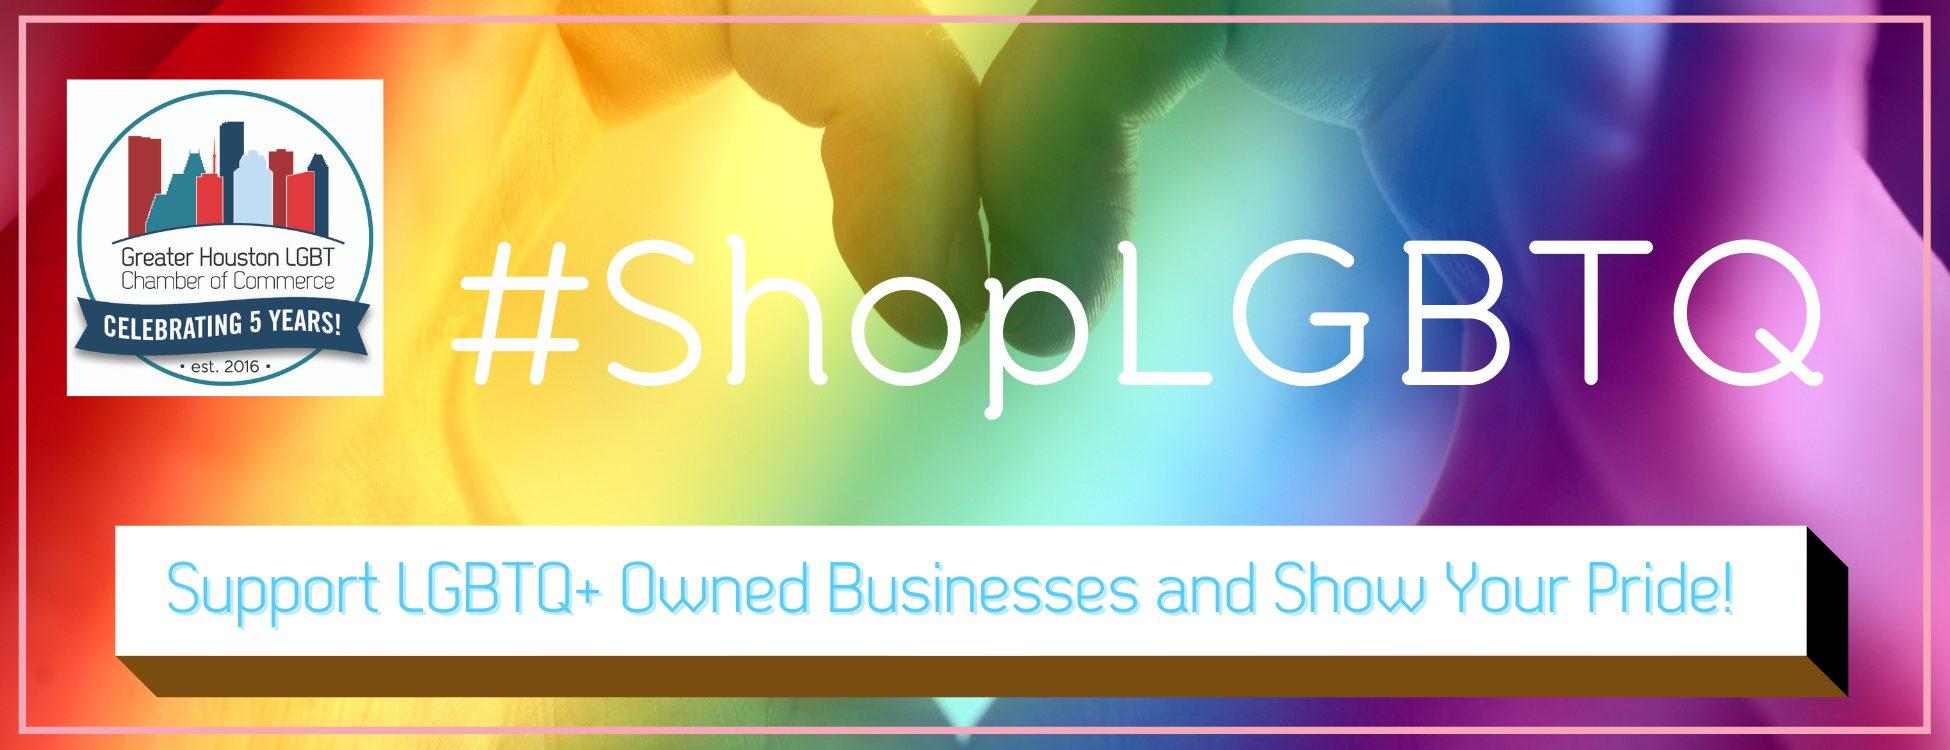 #ShopLGBTQ 5 year Logo - Webpage Header